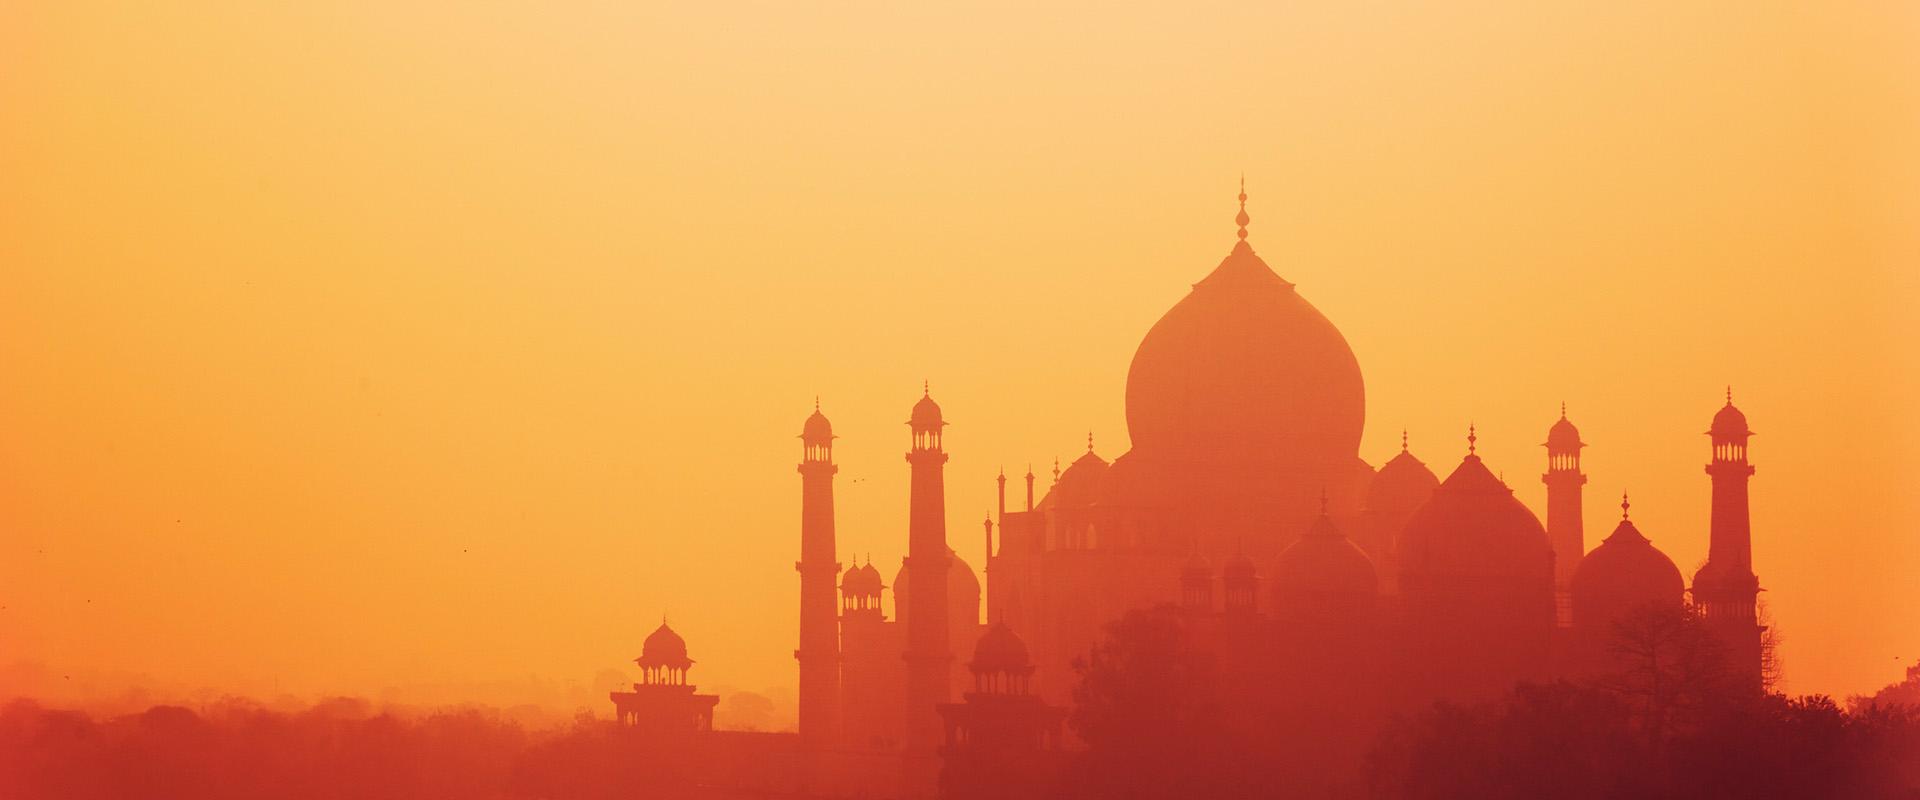 Simple Vizag Eid Al-Fitr Feast - India_IdulFitri_1920_800  HD_243978 .jpg